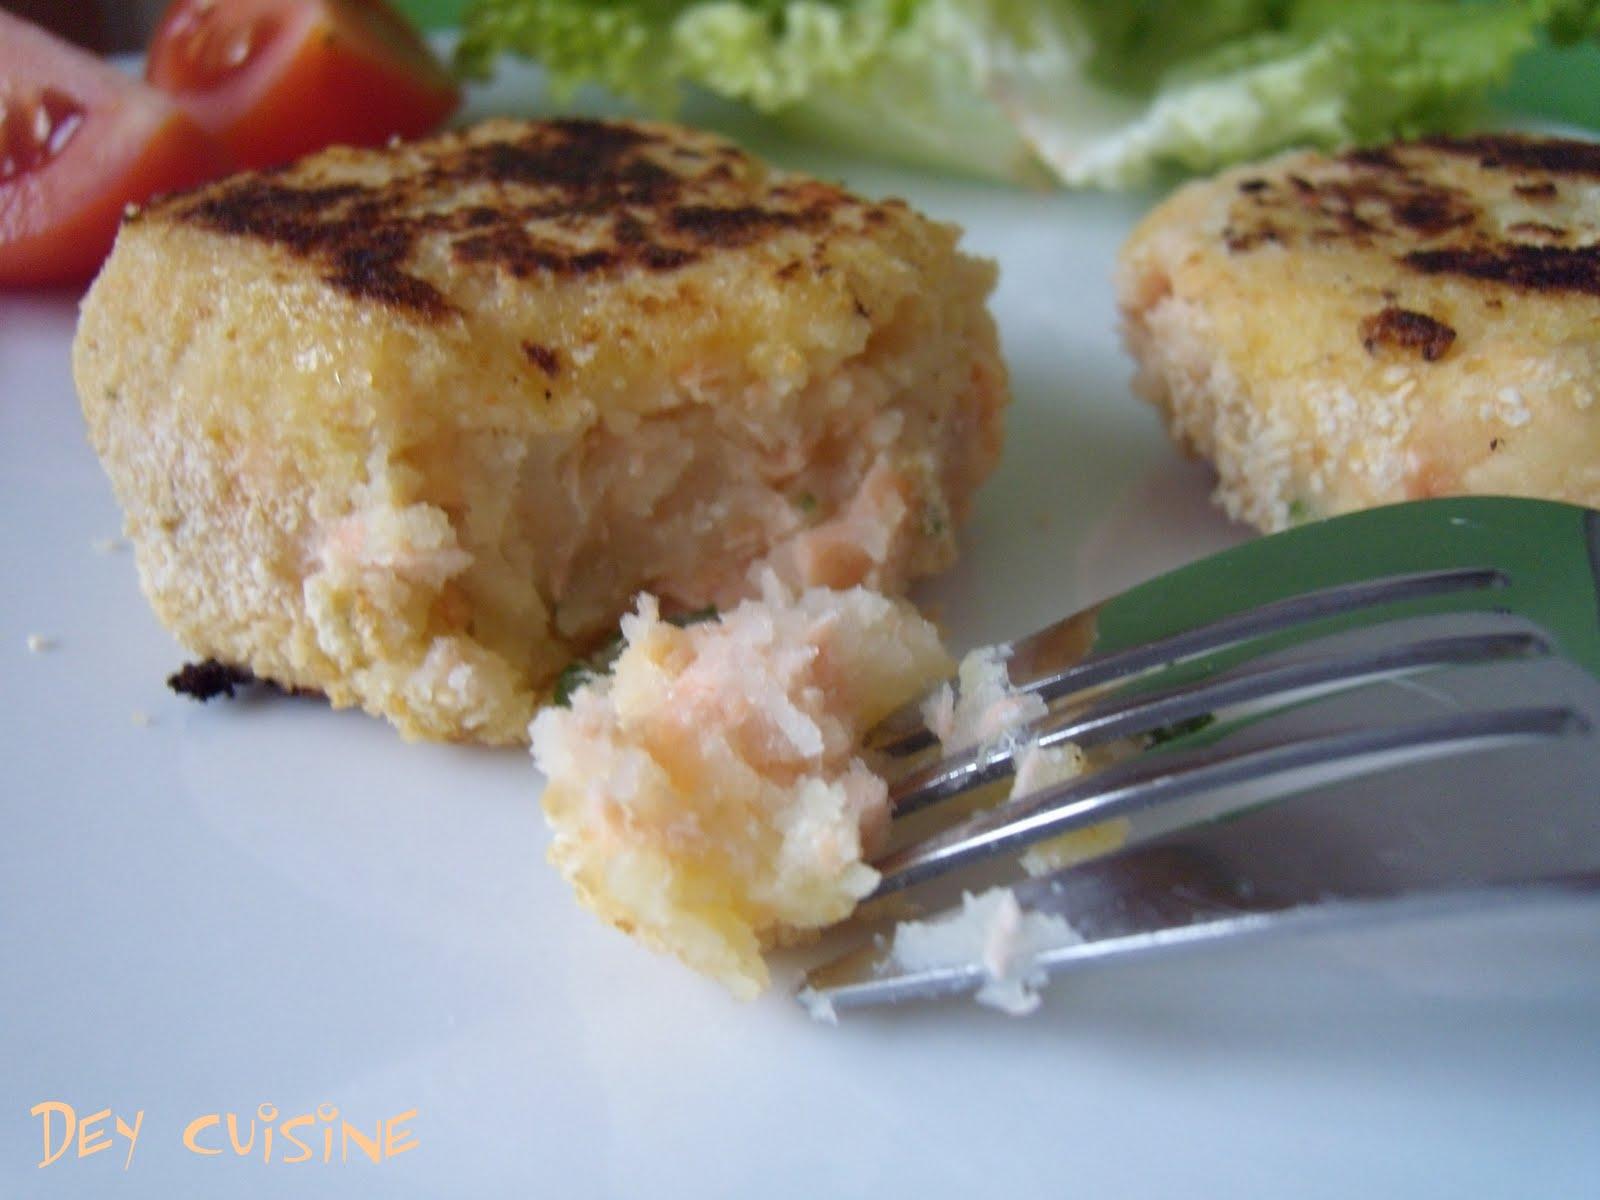 dey cuisine croquettes de pommes de terre au saumon. Black Bedroom Furniture Sets. Home Design Ideas